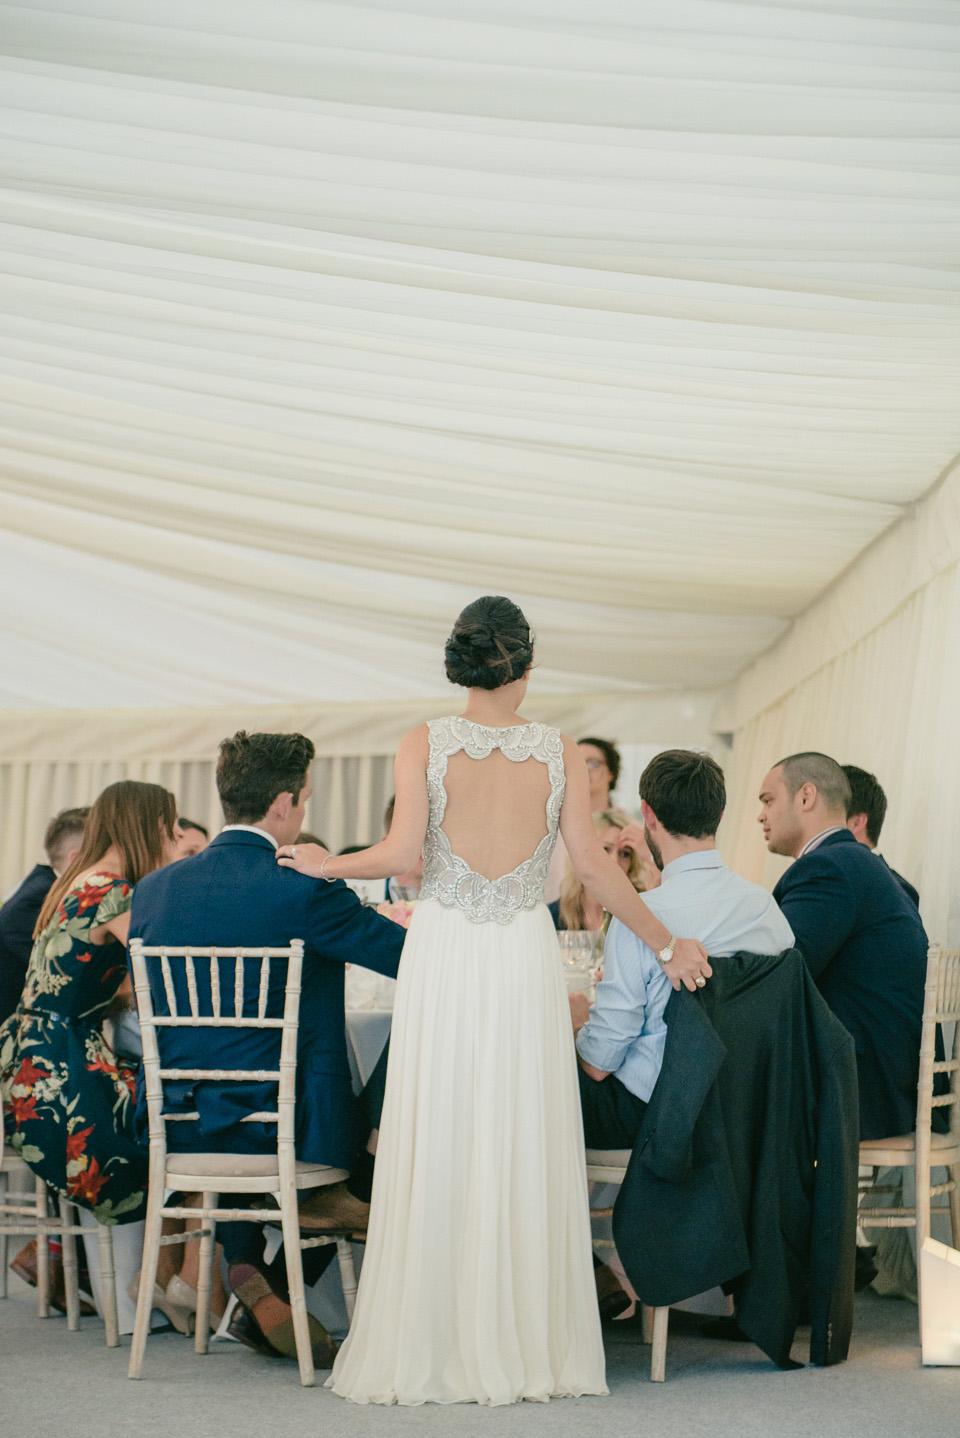 Jenny Packham For A Classy and Elegant Celebration at Sezincote House (Weddings )